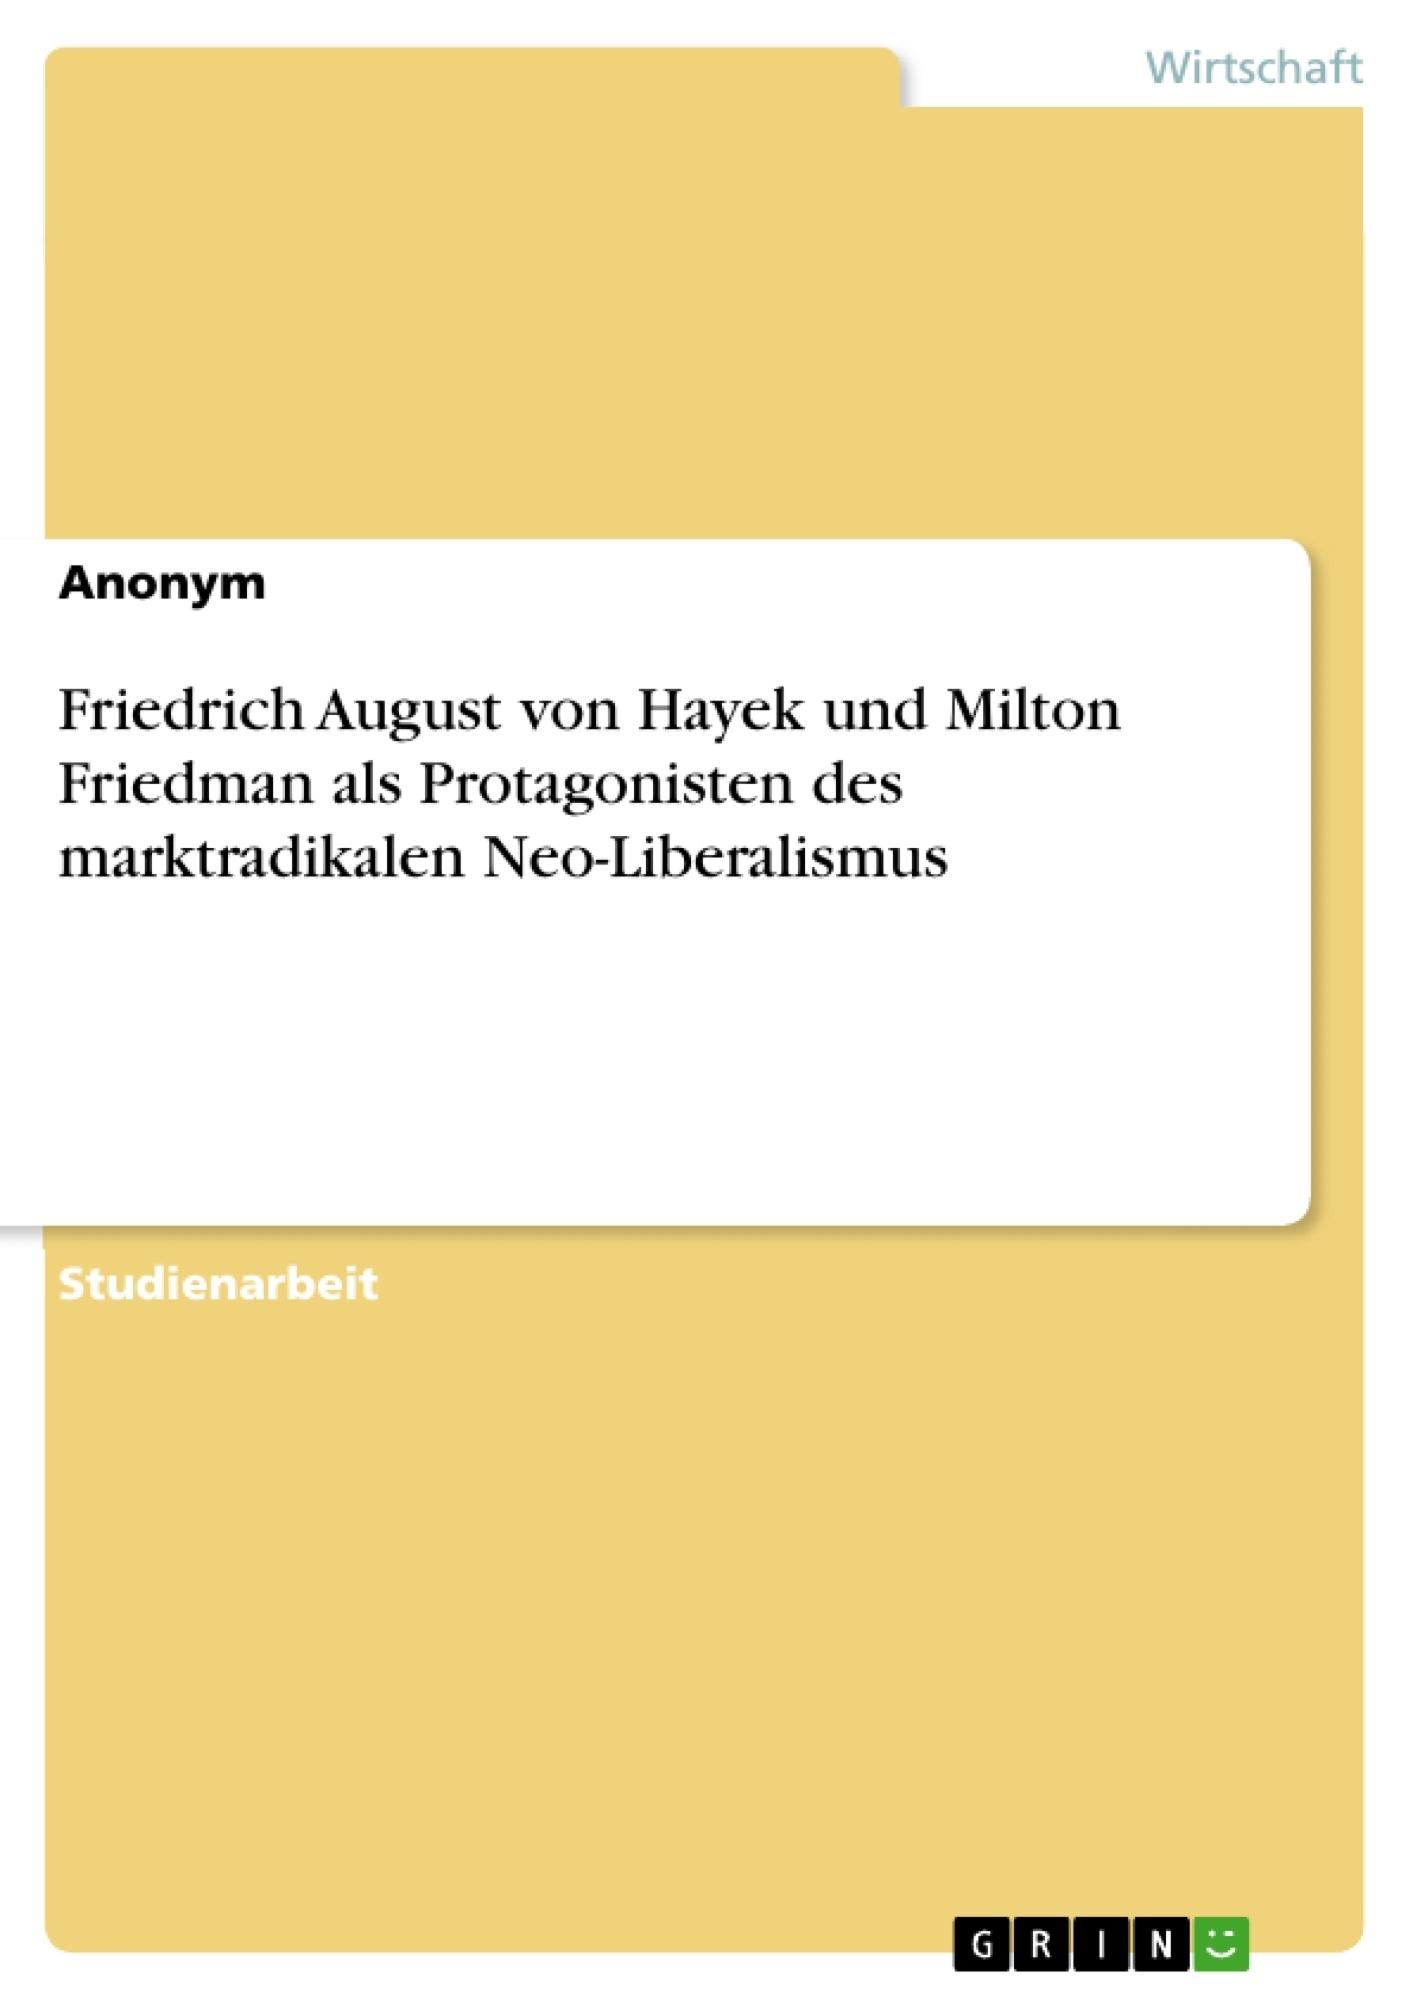 Titel: Friedrich August von Hayek und Milton Friedman als Protagonisten des marktradikalen Neo-Liberalismus